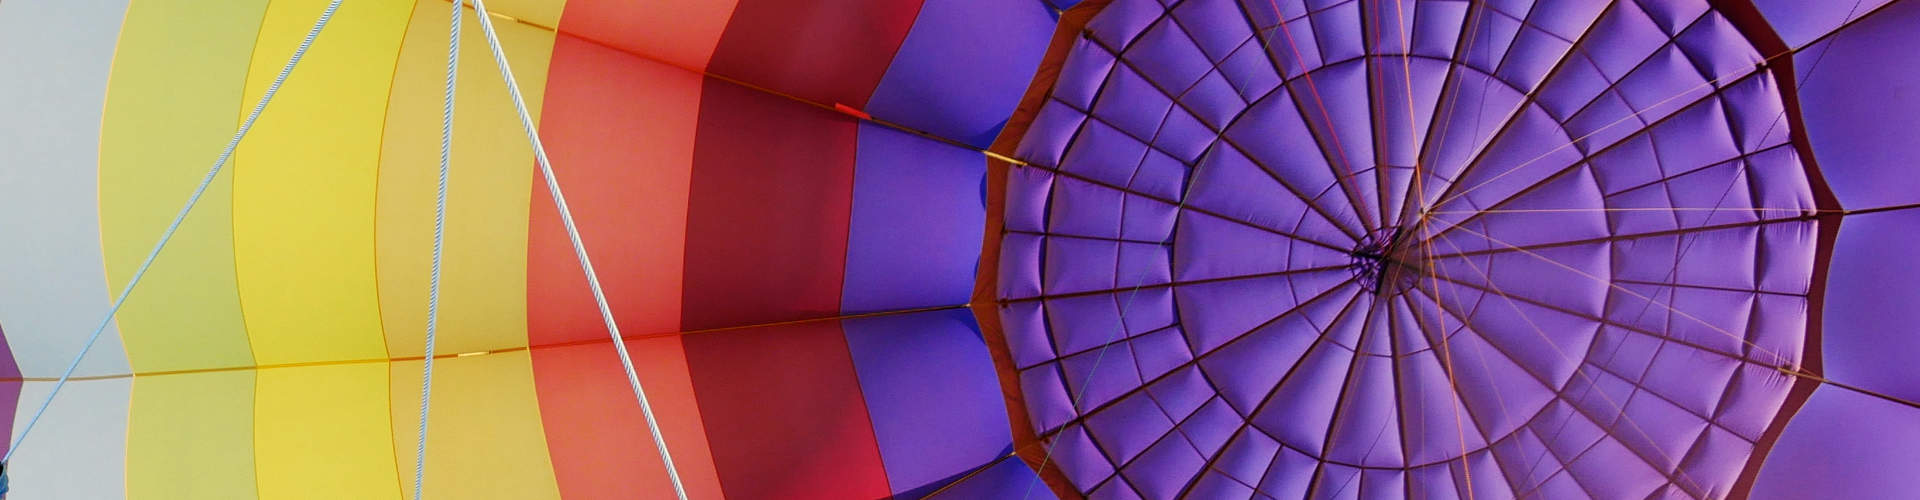 Une montgolfière aux couleurs chatoyantes